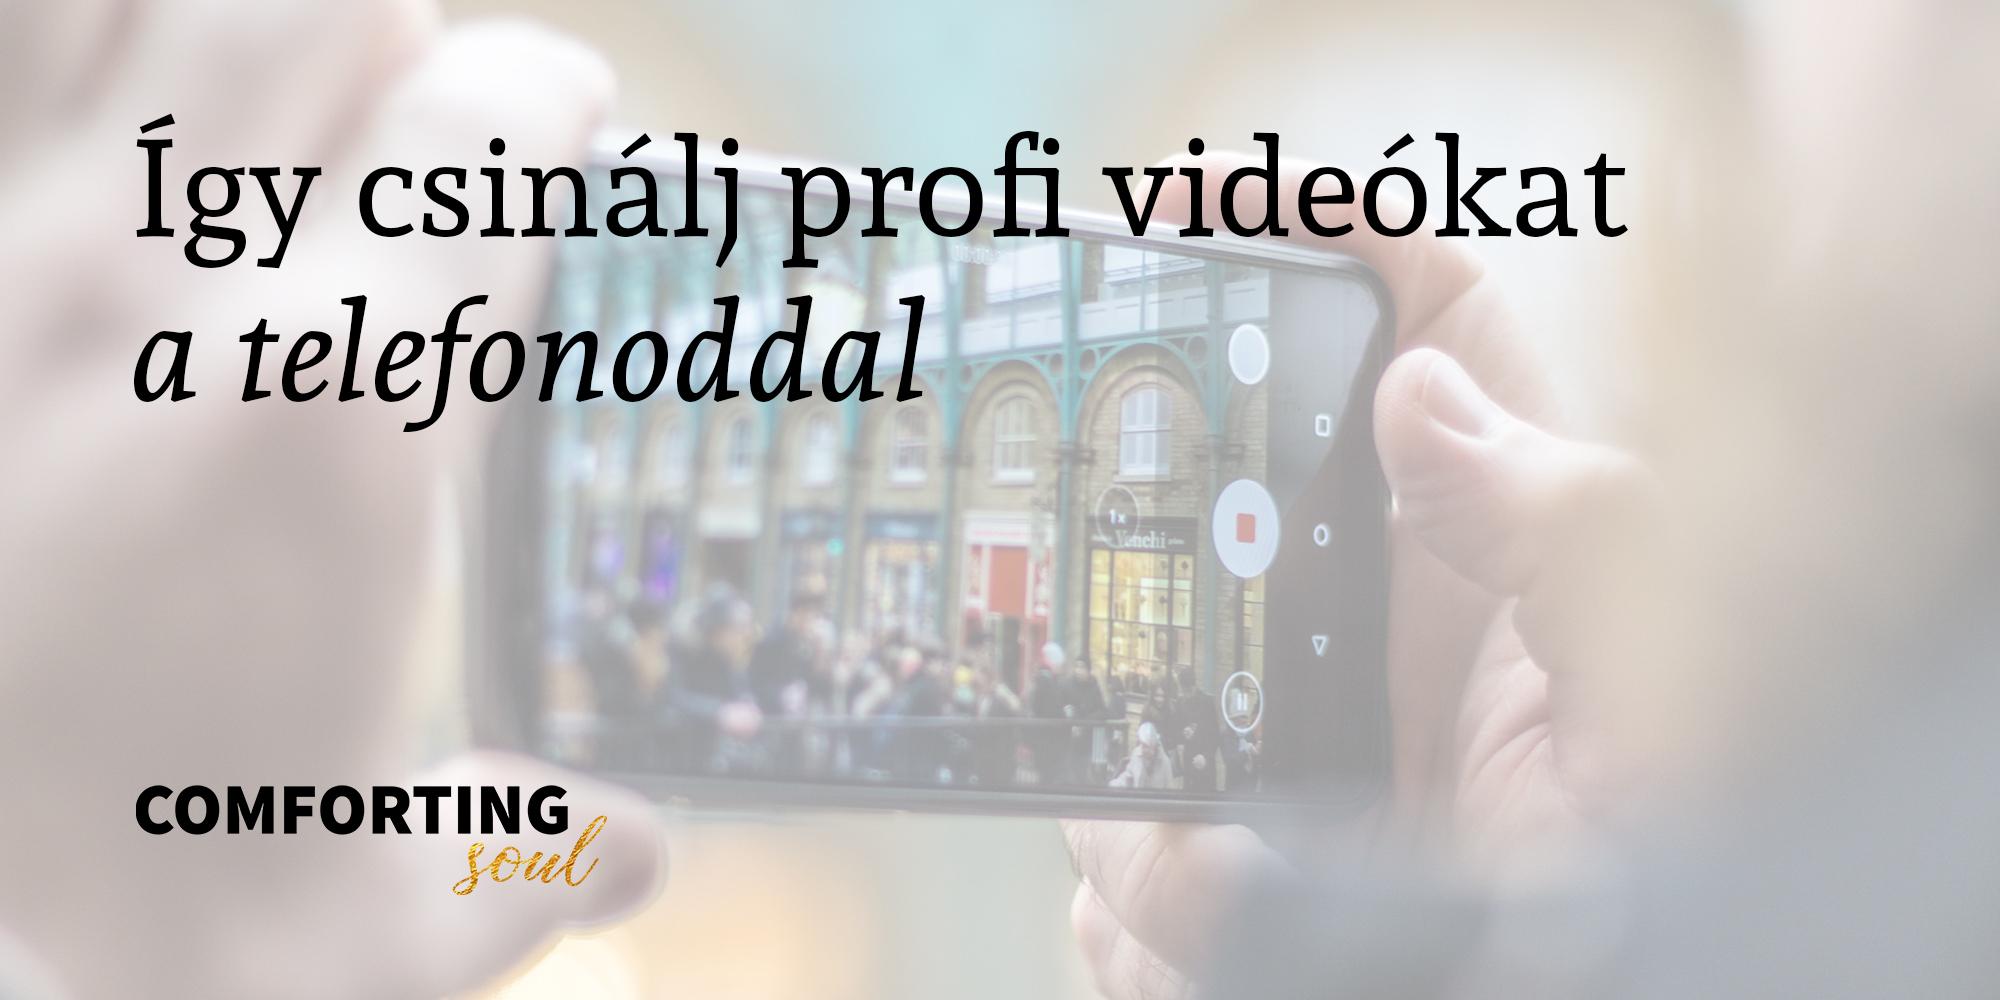 Hogyan csinálj profi videókat a telefonoddal? VIDEÓVAL